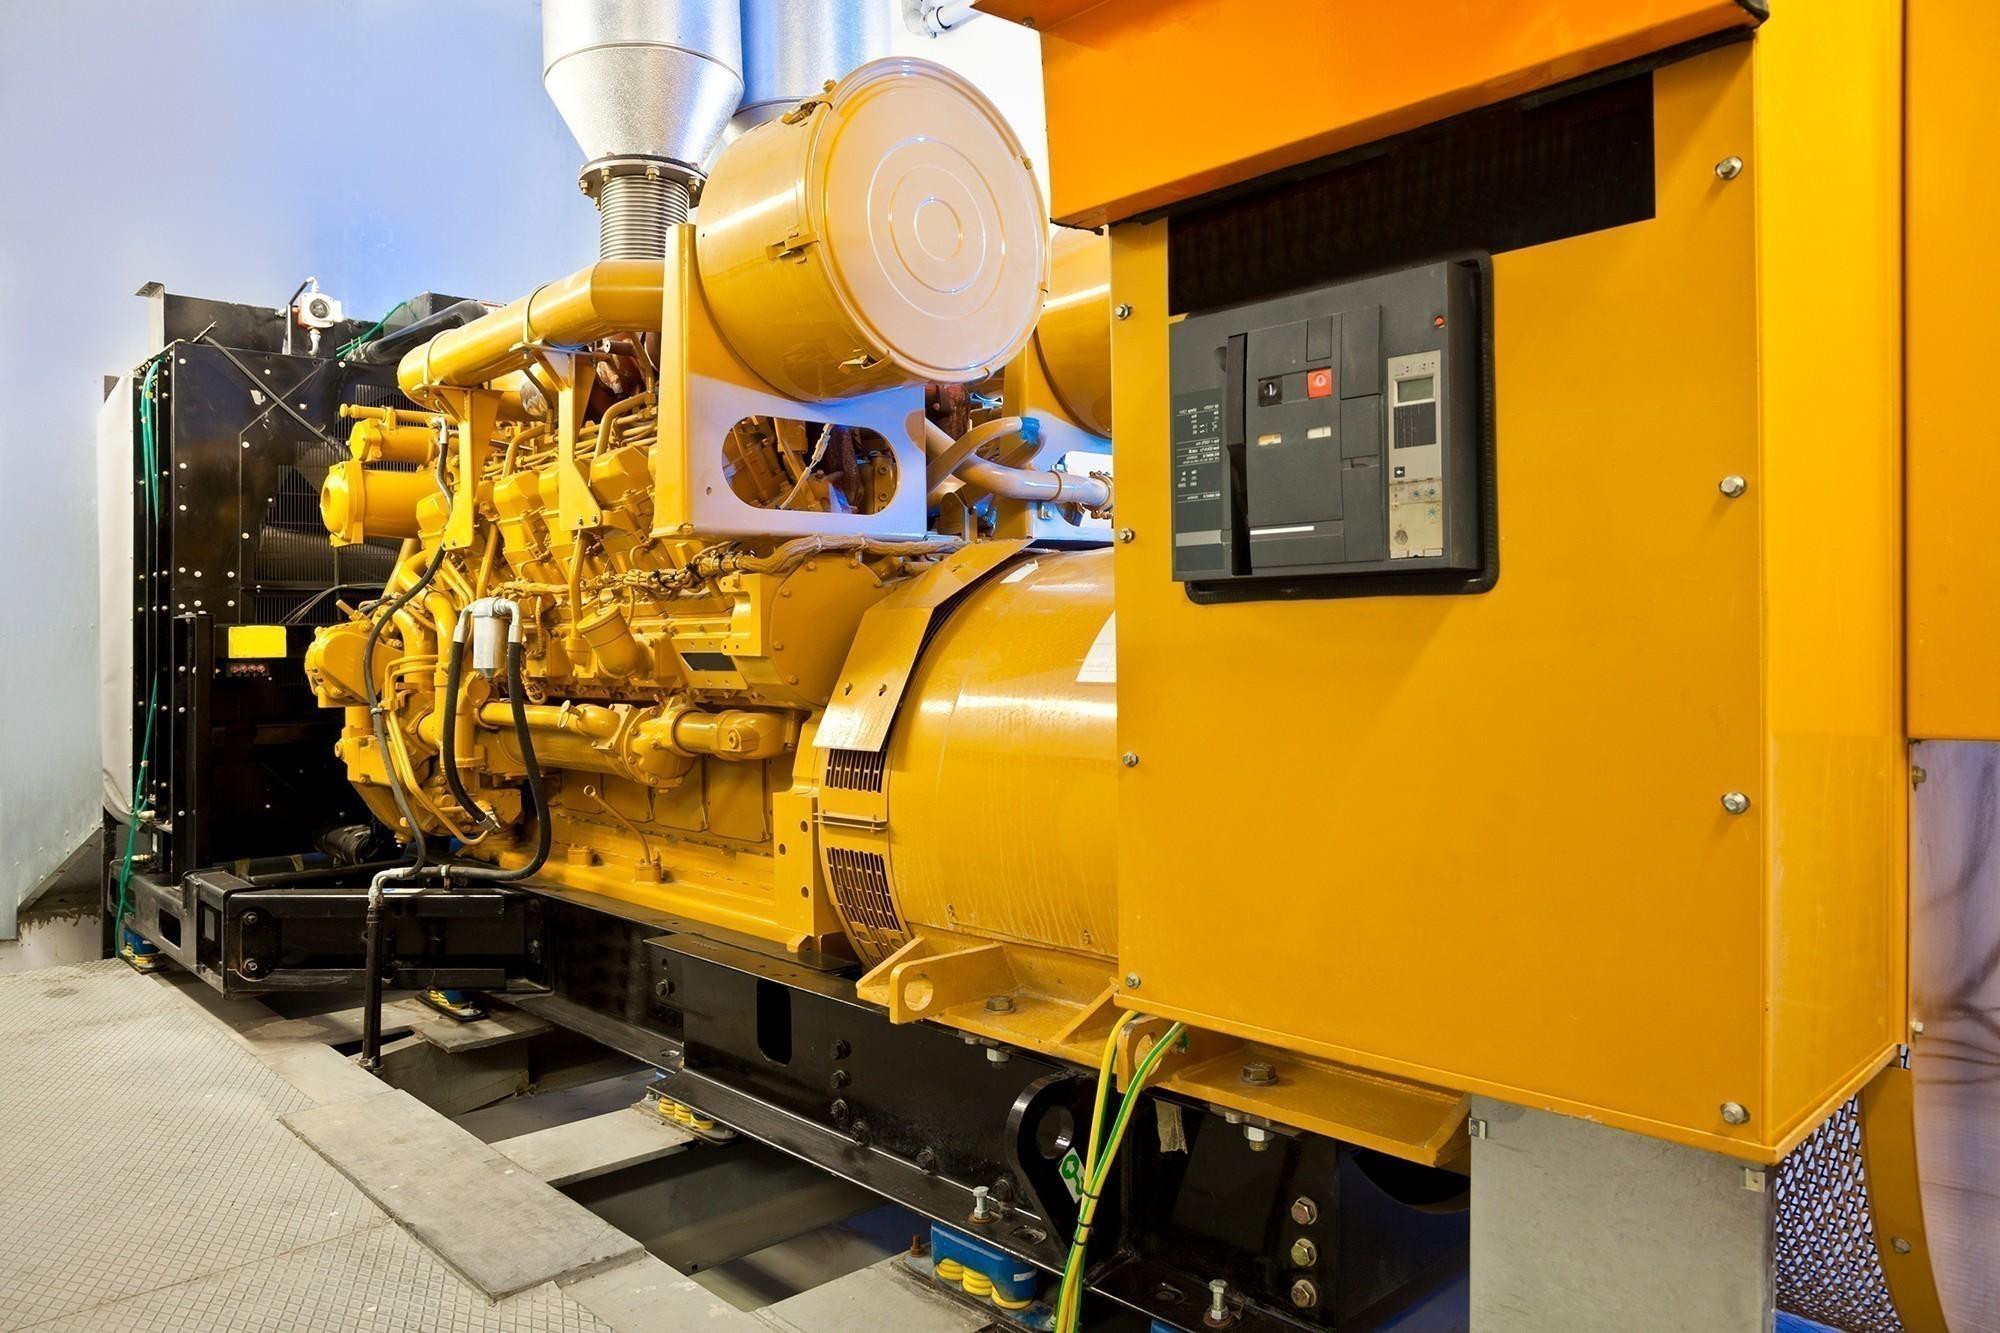 Rußpartikelfilter Reinigung Stromerzeuger | Cleantaxx GmbH